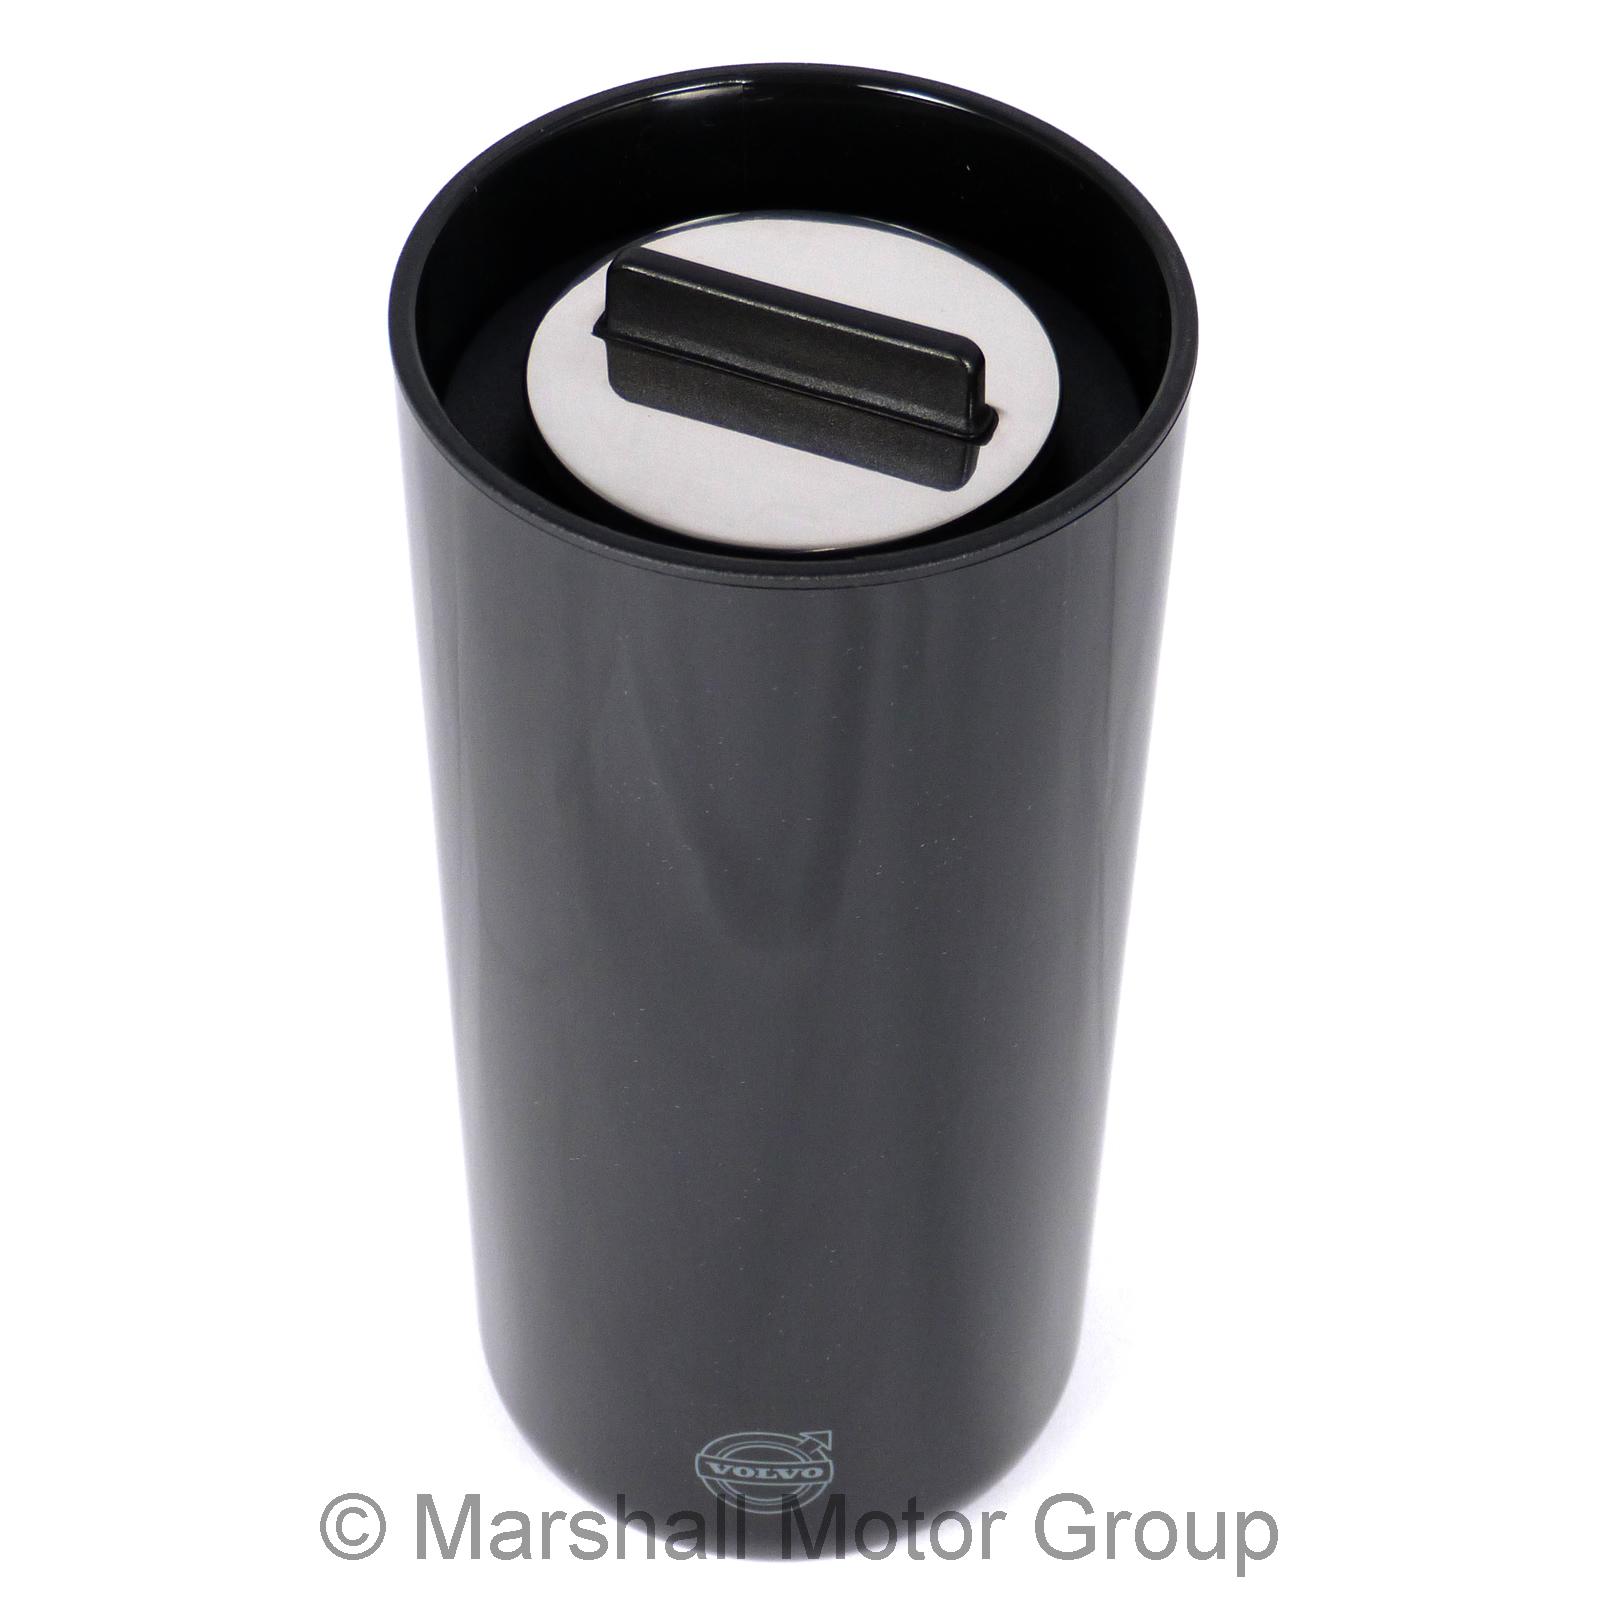 genuine volvo stelton thermo becher zum go in schwarz ebay. Black Bedroom Furniture Sets. Home Design Ideas